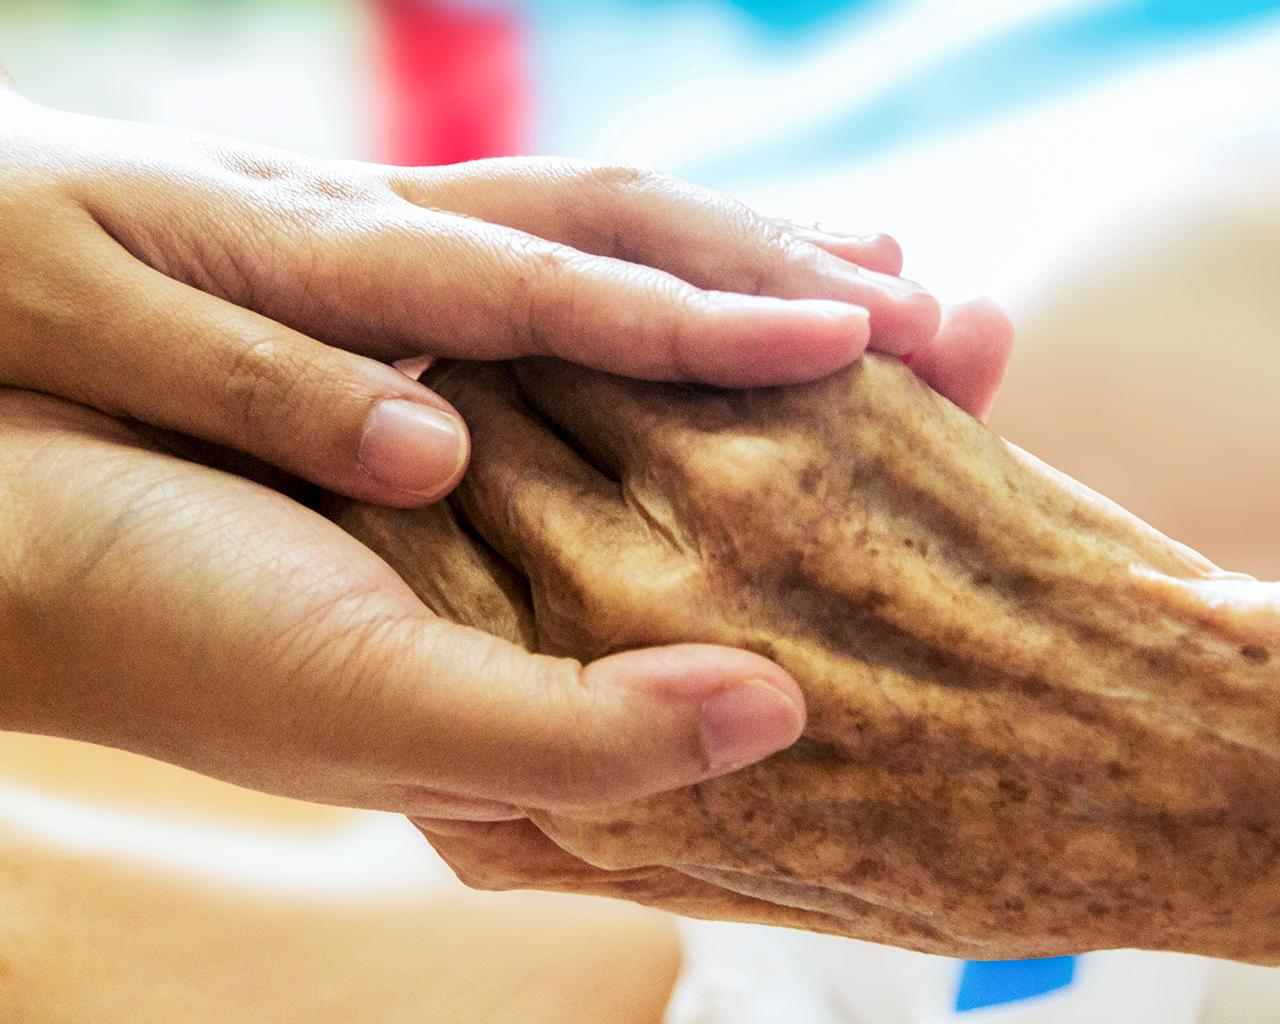 Entregan recomendaciones para el cuidado de adultos mayores en tiempos de pandemia